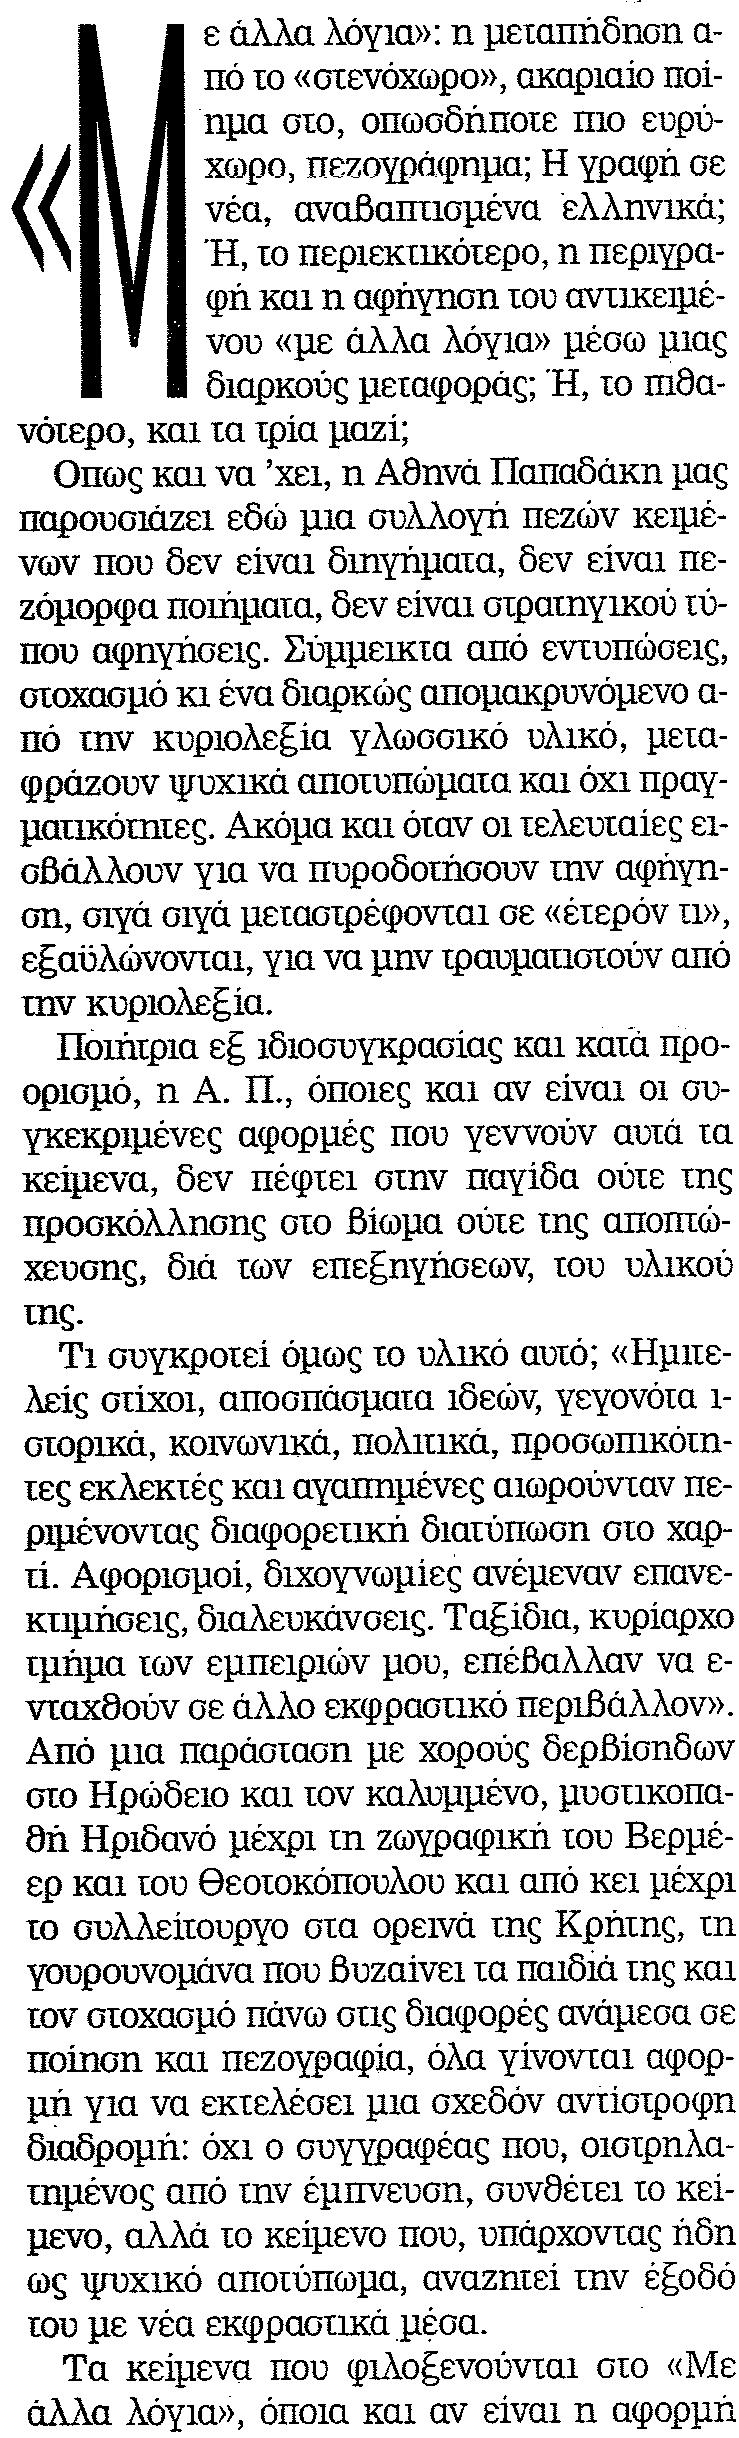 ΓΙΩΡΓΟΣ ΞΕΝΑΡΙΟΣ, Η ΑΝΑΠΤΥΞΗ ΜΙΑΣ ΣΤΙΓΜΗΣ1